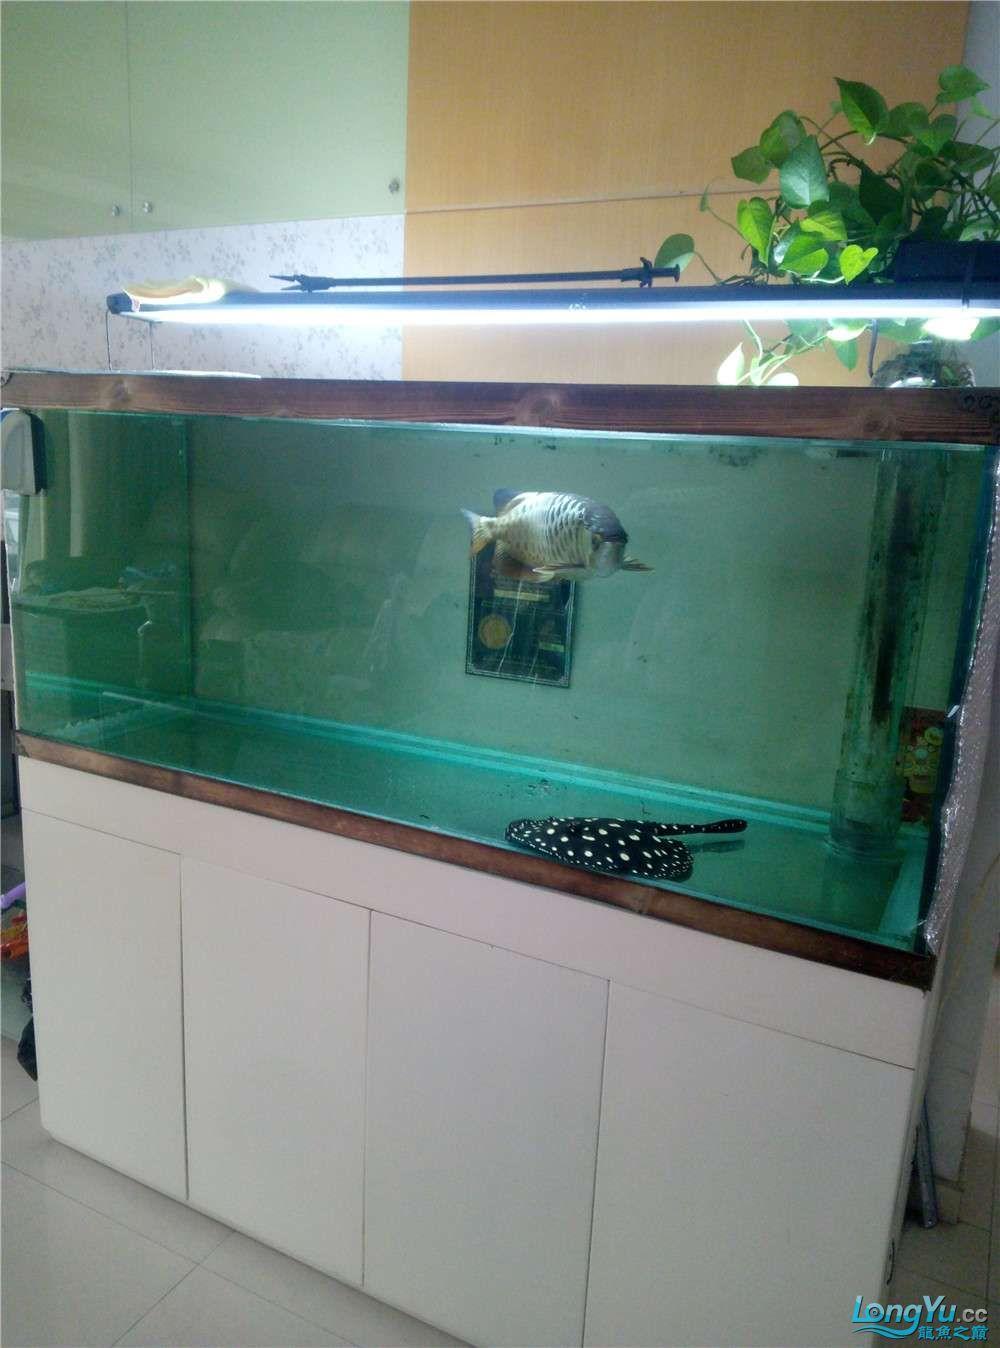 出售50公分左右金龙鱼 北京观赏鱼 北京龙鱼第1张